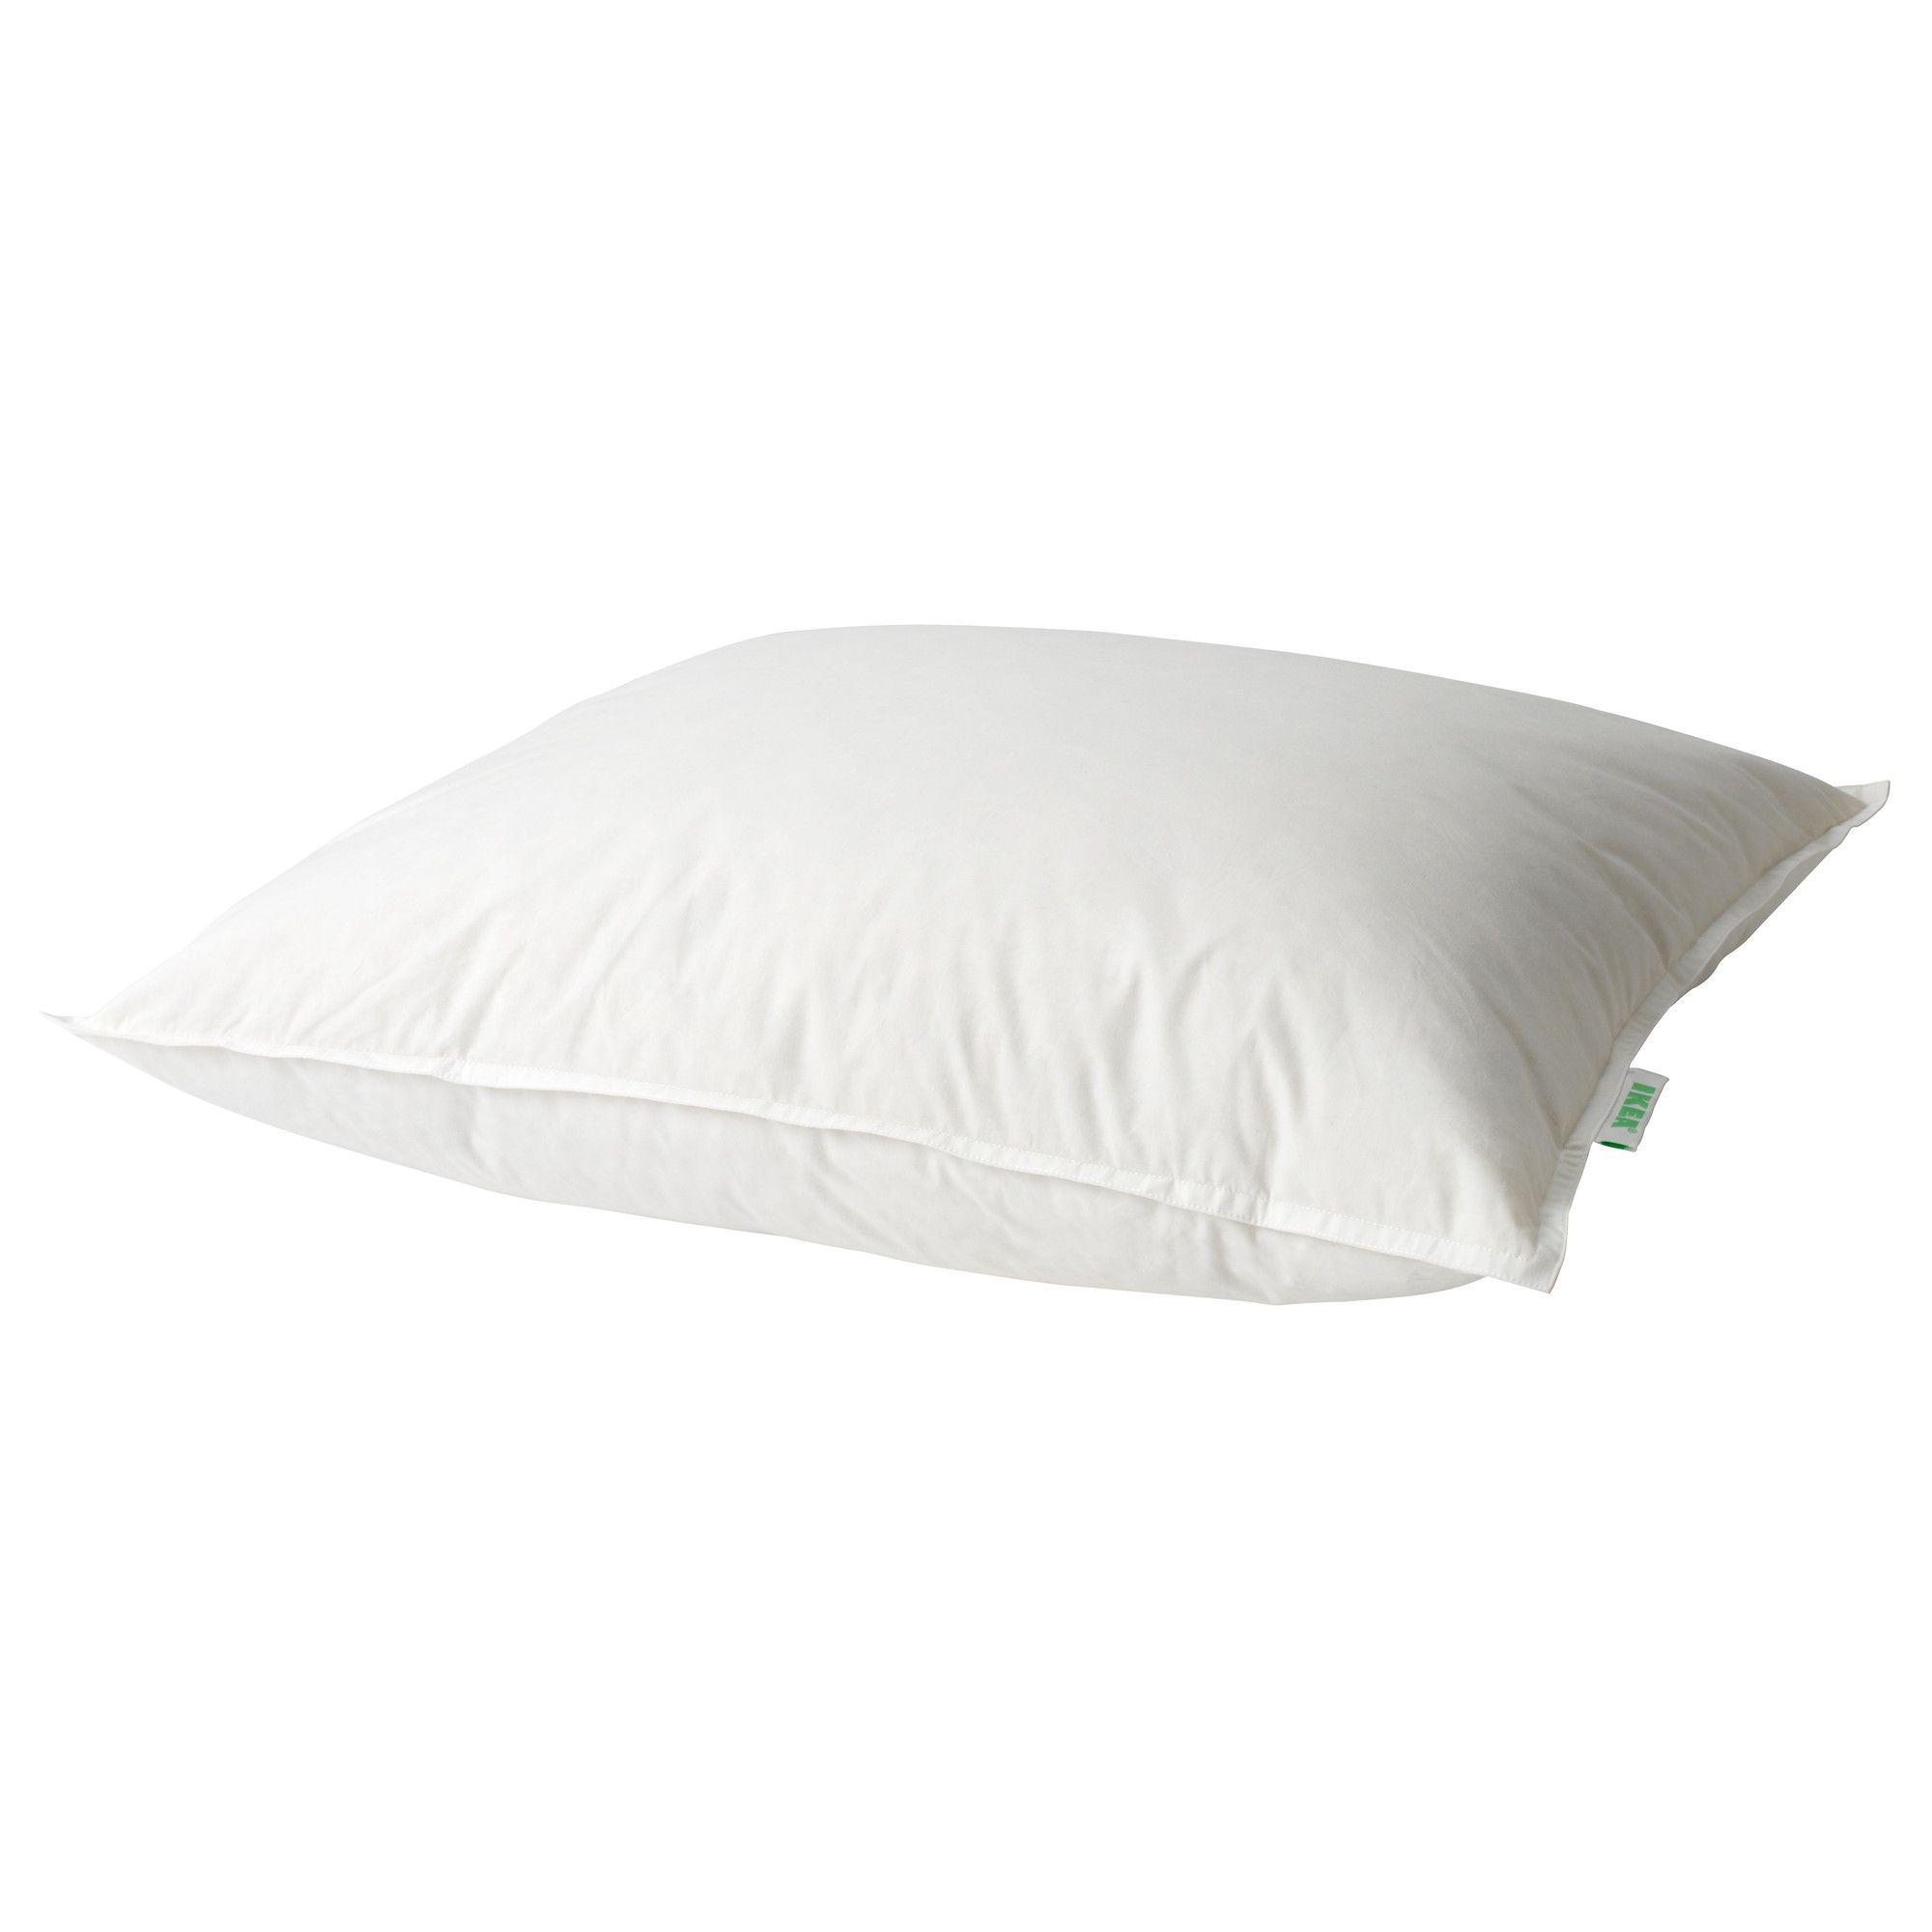 oreiller gosa pinje GOSA PINJE Pillow, side sleeper   Standard   IKEA   For our Nest  oreiller gosa pinje